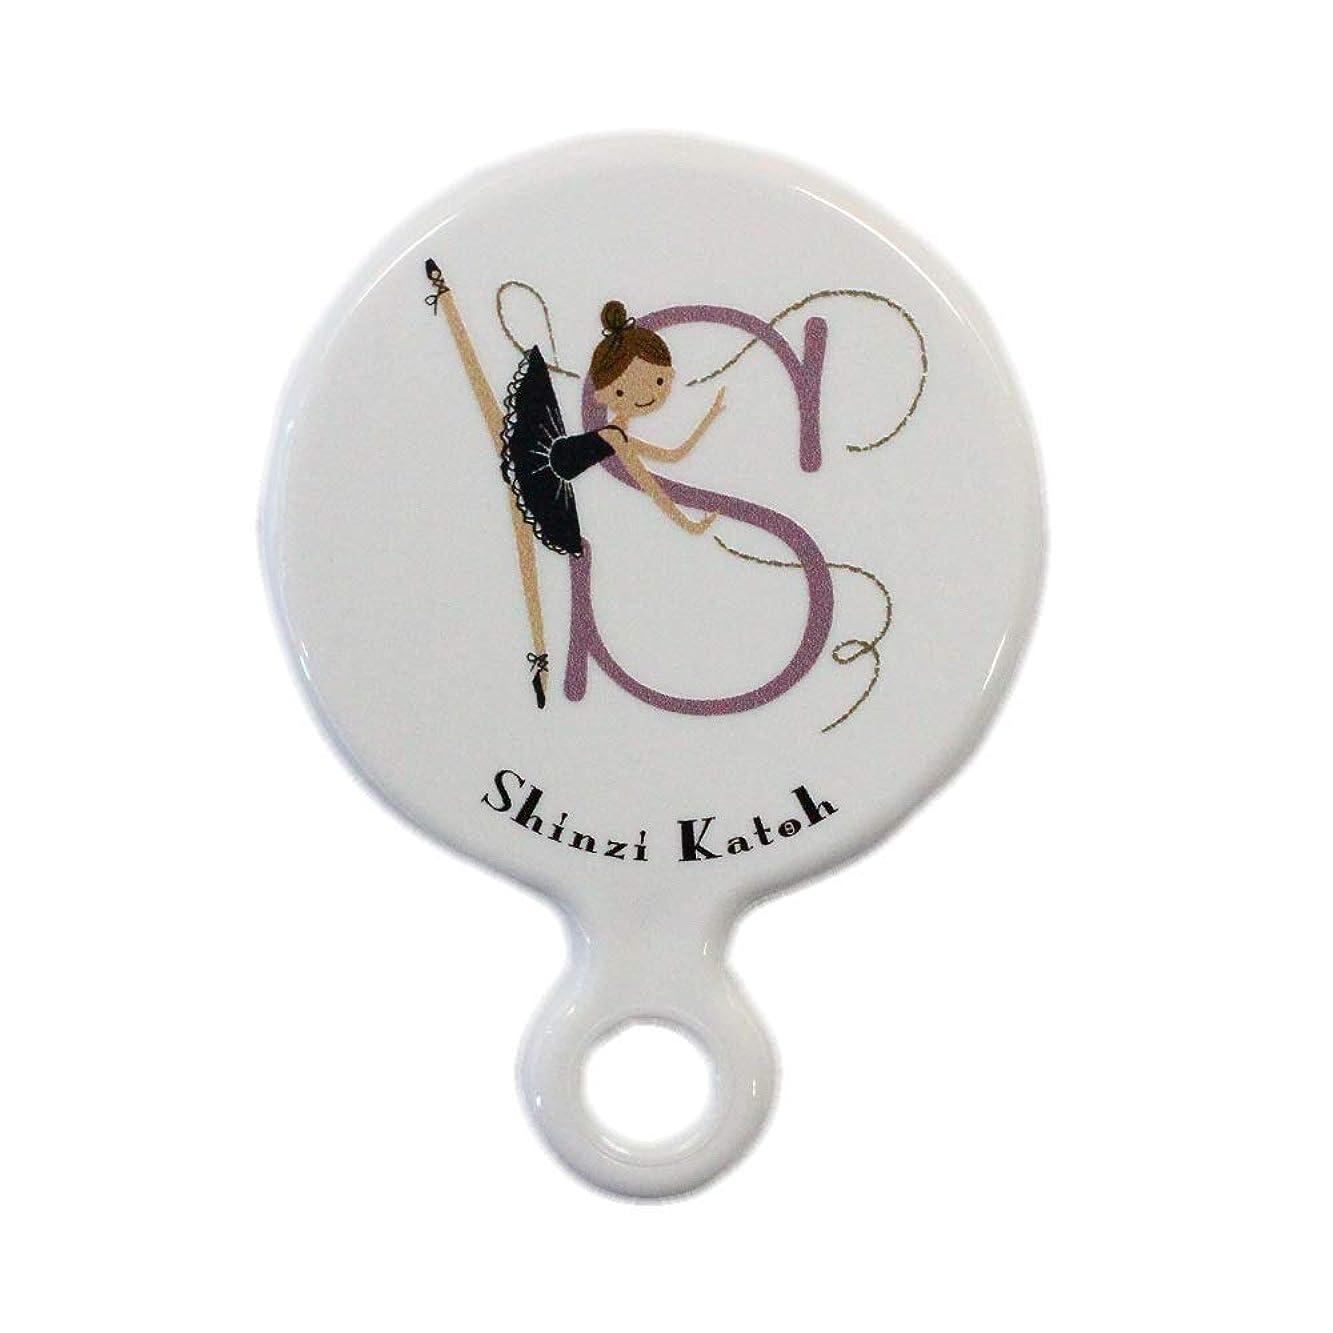 橋スケルトン承知しましたShinzi Katoh プチミラー(ballet S)PMR1010